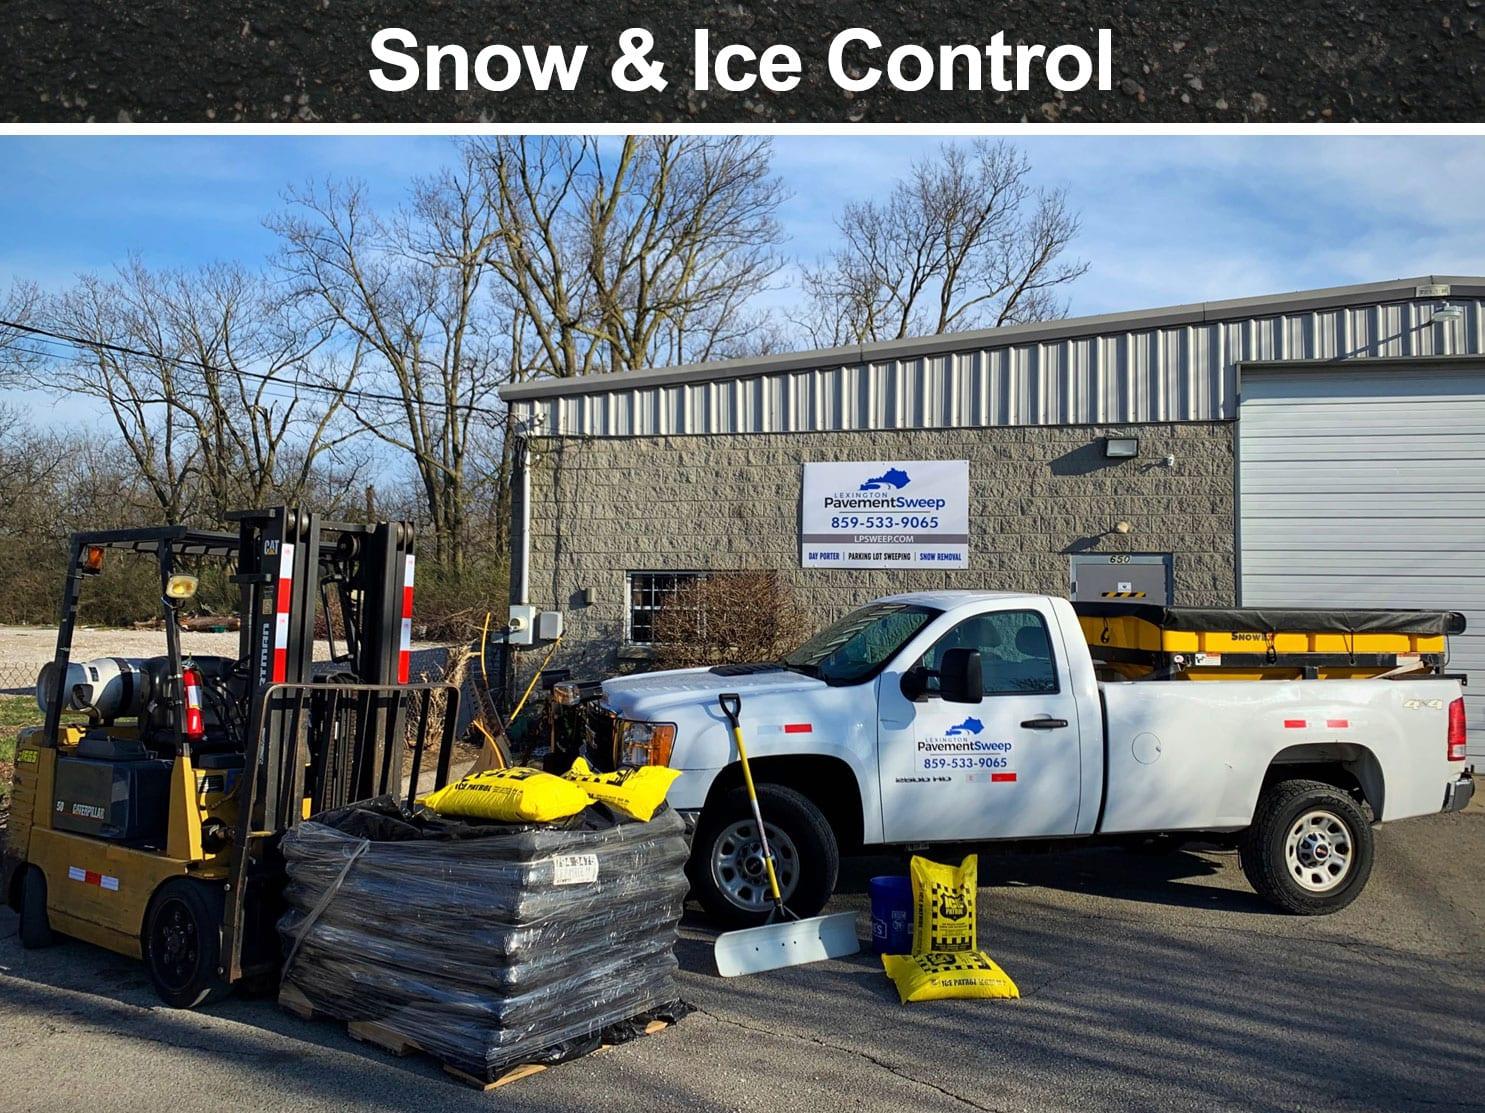 Snow-&-Ice-Control